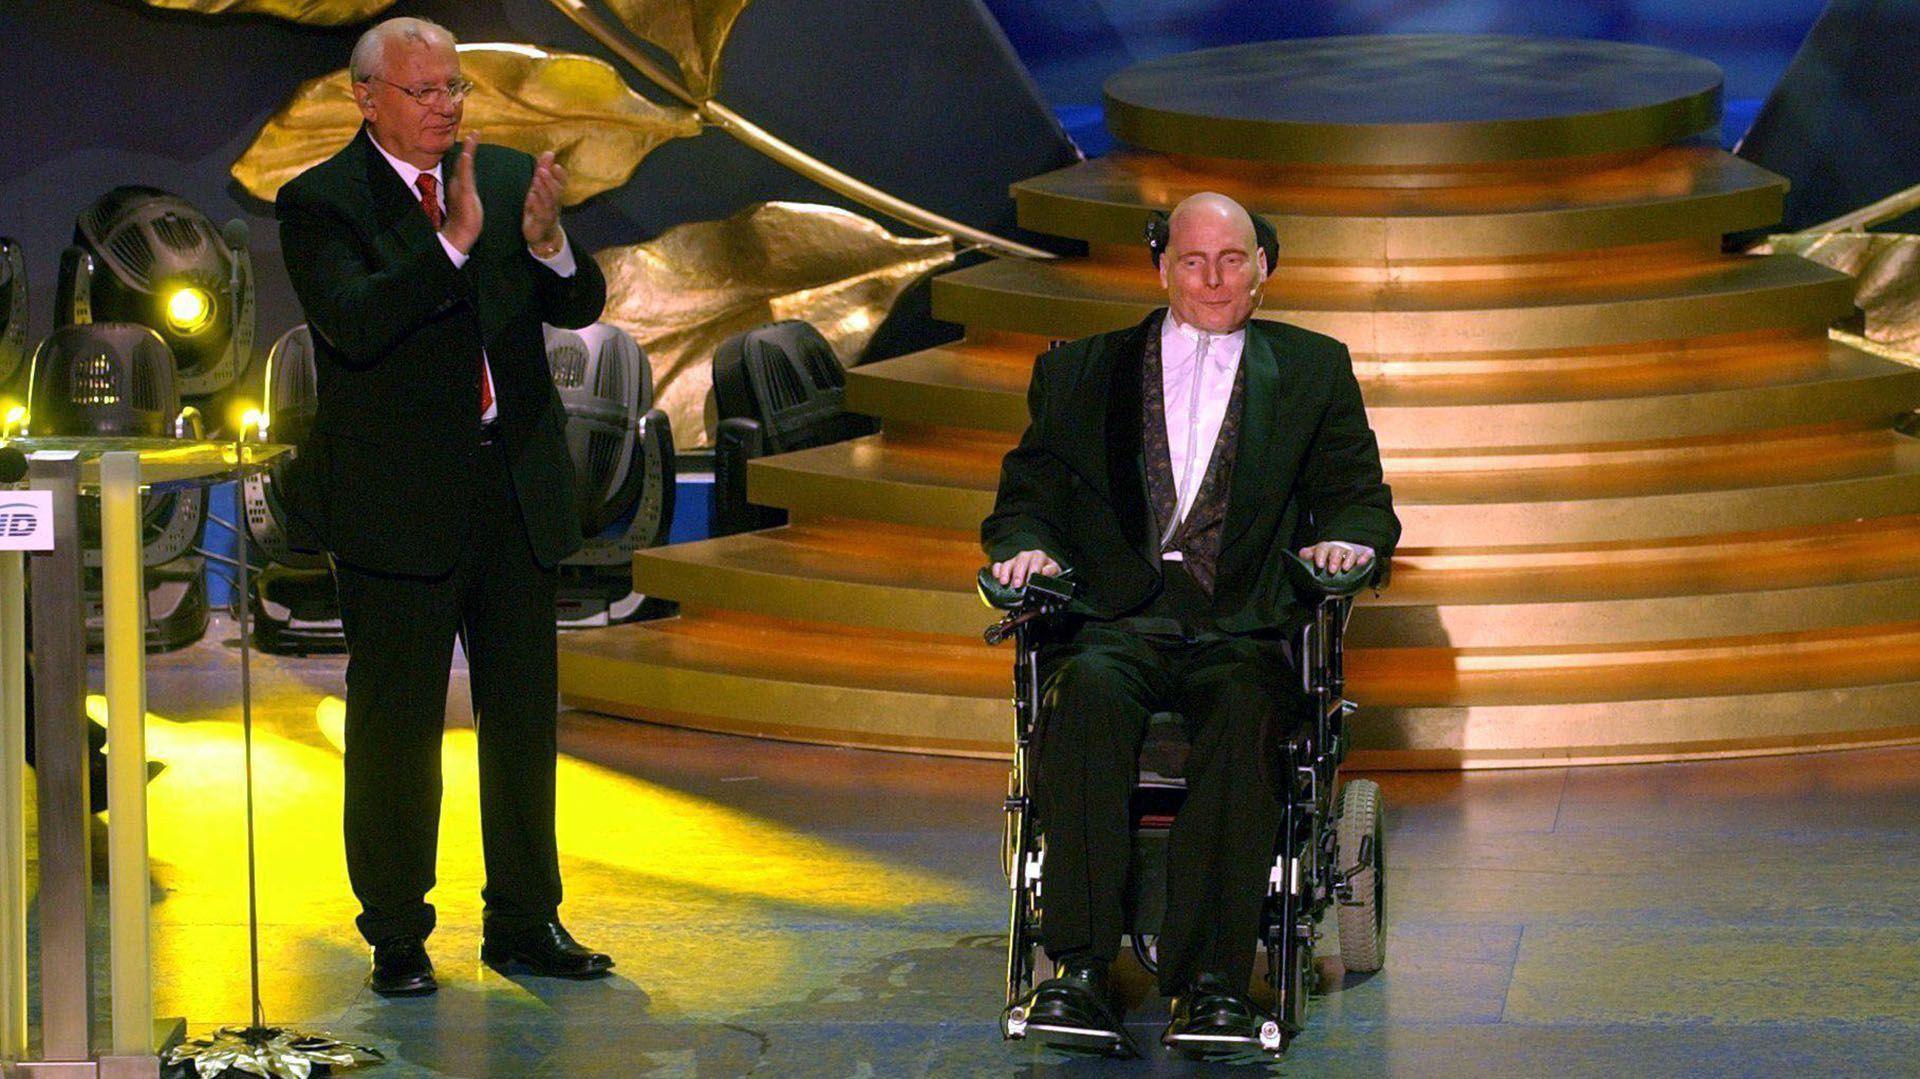 Su primera aparición pública luego del accidente fue en la entrega de los Oscar de 1996 (Grosby Group)